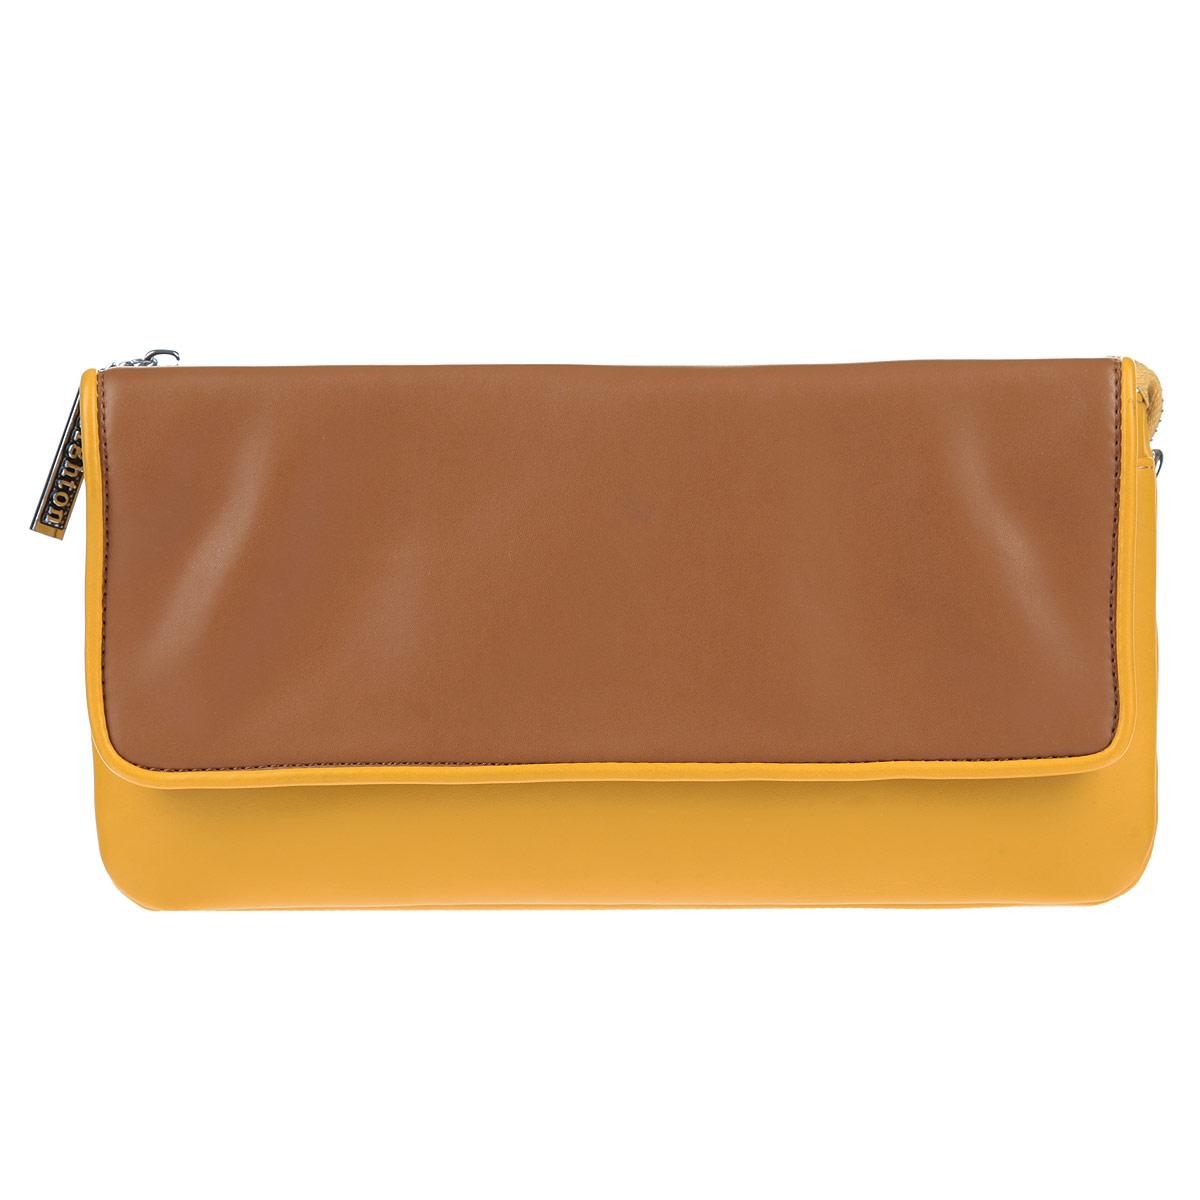 Клатч Leighton, цвет: желтый, коричневый. 4001-082/335/082/840S76245Элегантный клатч Leighton выполнен из искусственной кожи с гладкой внешней поверхностью и декорирован металлической фурнитурой. Модель имеет два отделения, закрывающихся на общую застежку-молнию. Между отделениями расположен смежный кармашек на молнии и шесть наборных кармашков для визиток или кредитных карт. Лицевая сторона клатча дополнена плоским накладным карманом, закрывающимся при помощи клапана на магниты. Клатч имеет съемный плечевой ремень, длина которого регулируется, и ремешок для запястья.Модный клатч из летней коллекции от бренда Leighton идеально дополнит ваш образ и создаст игривое настроение.